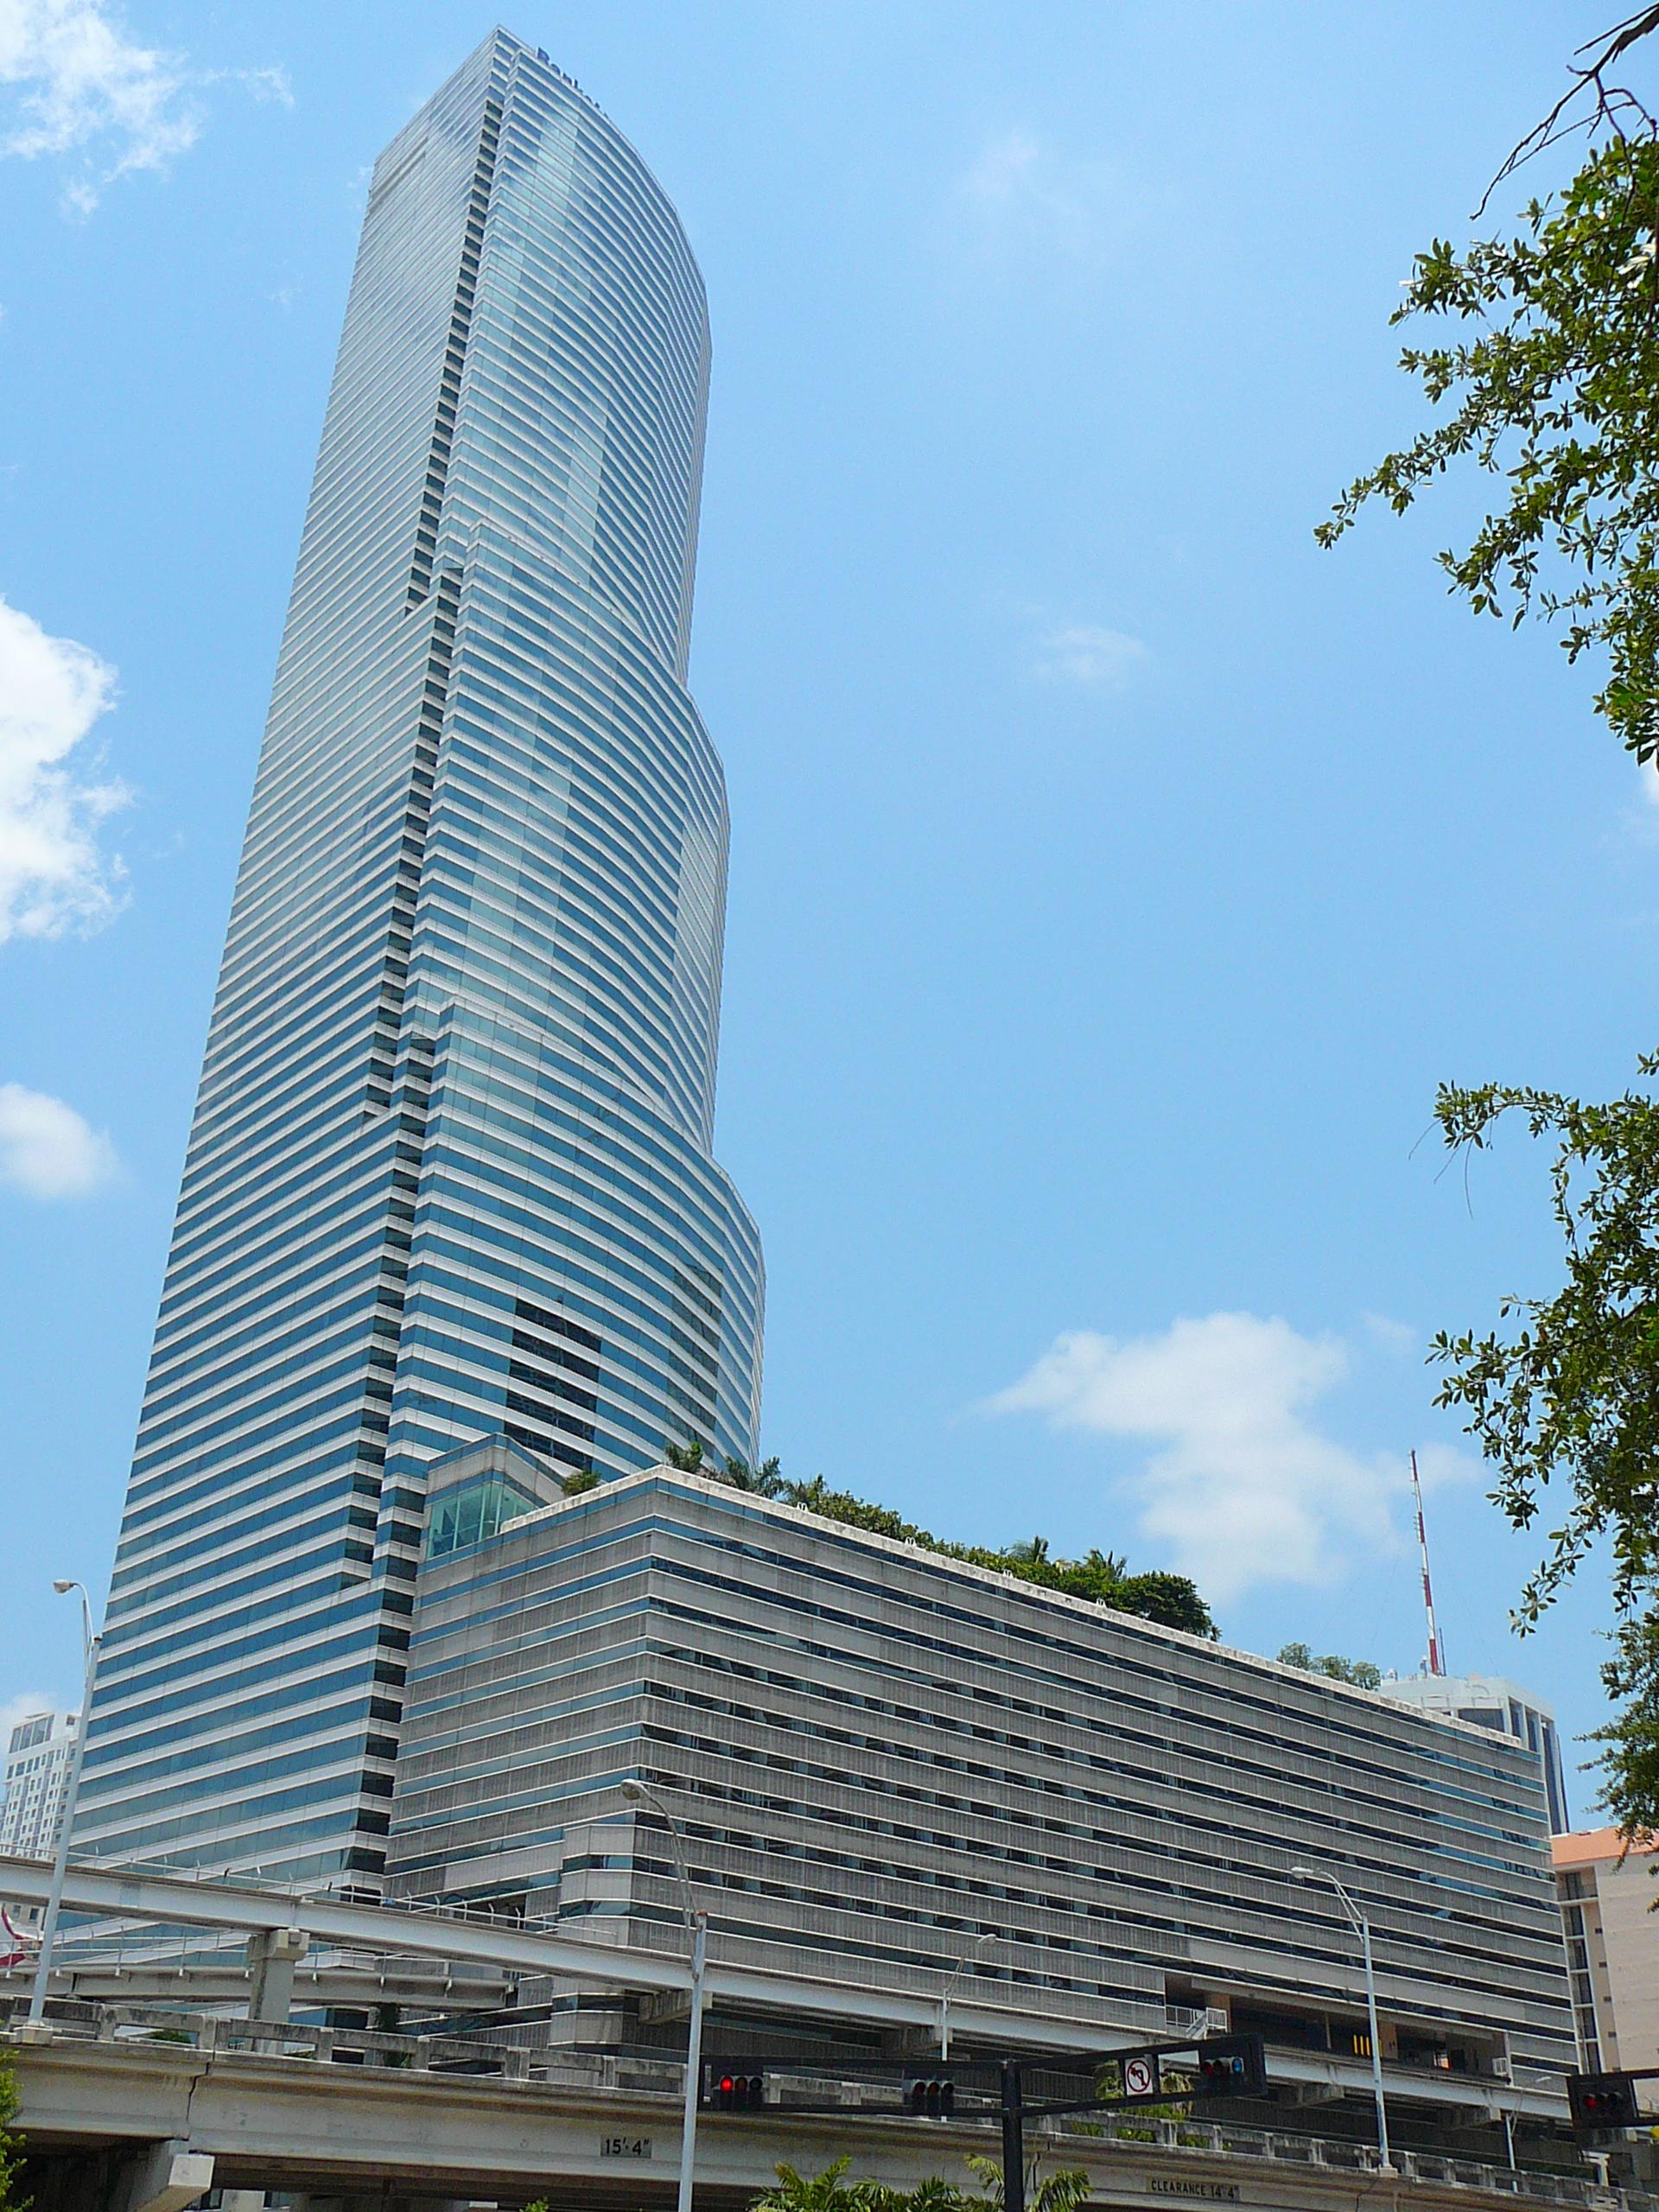 Miami Tower Sky Terrace Wwwmiifotoscom